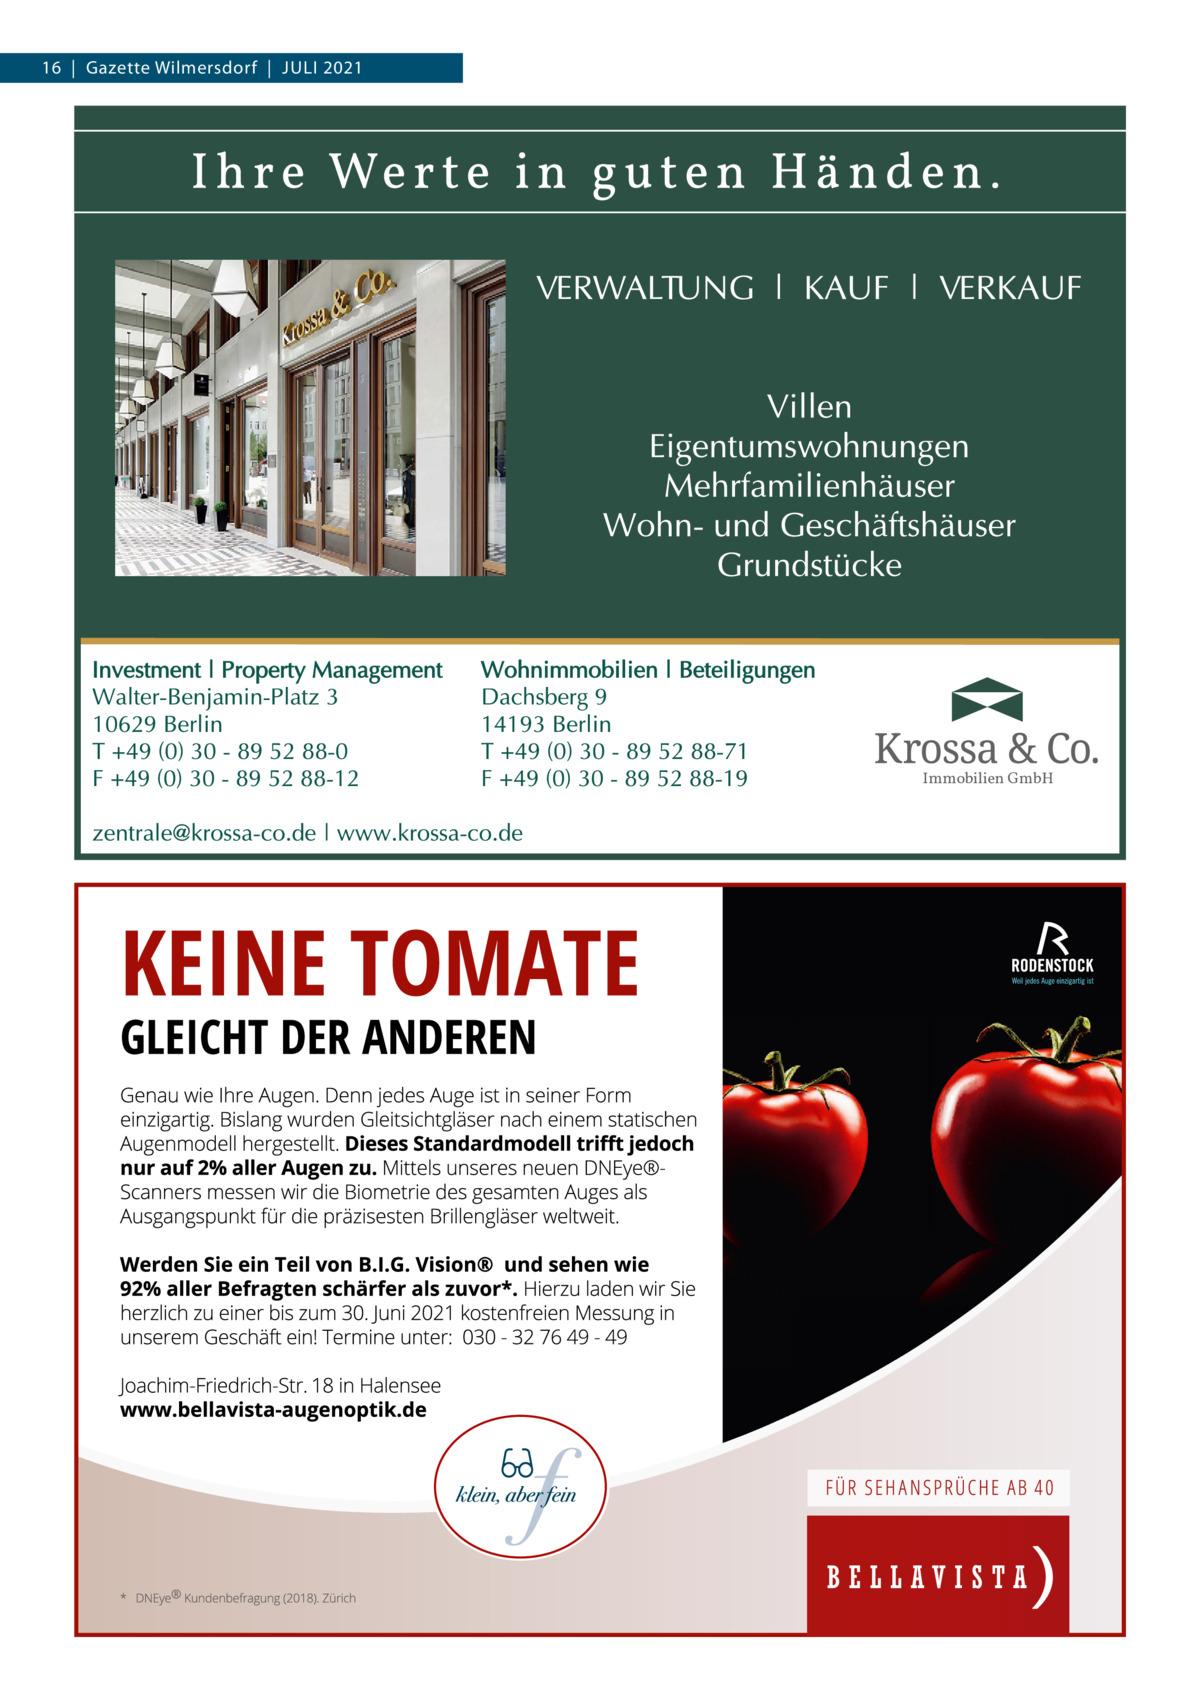 16 Gazette Wilmersdorf Juli 2021  Immobilien GmbH